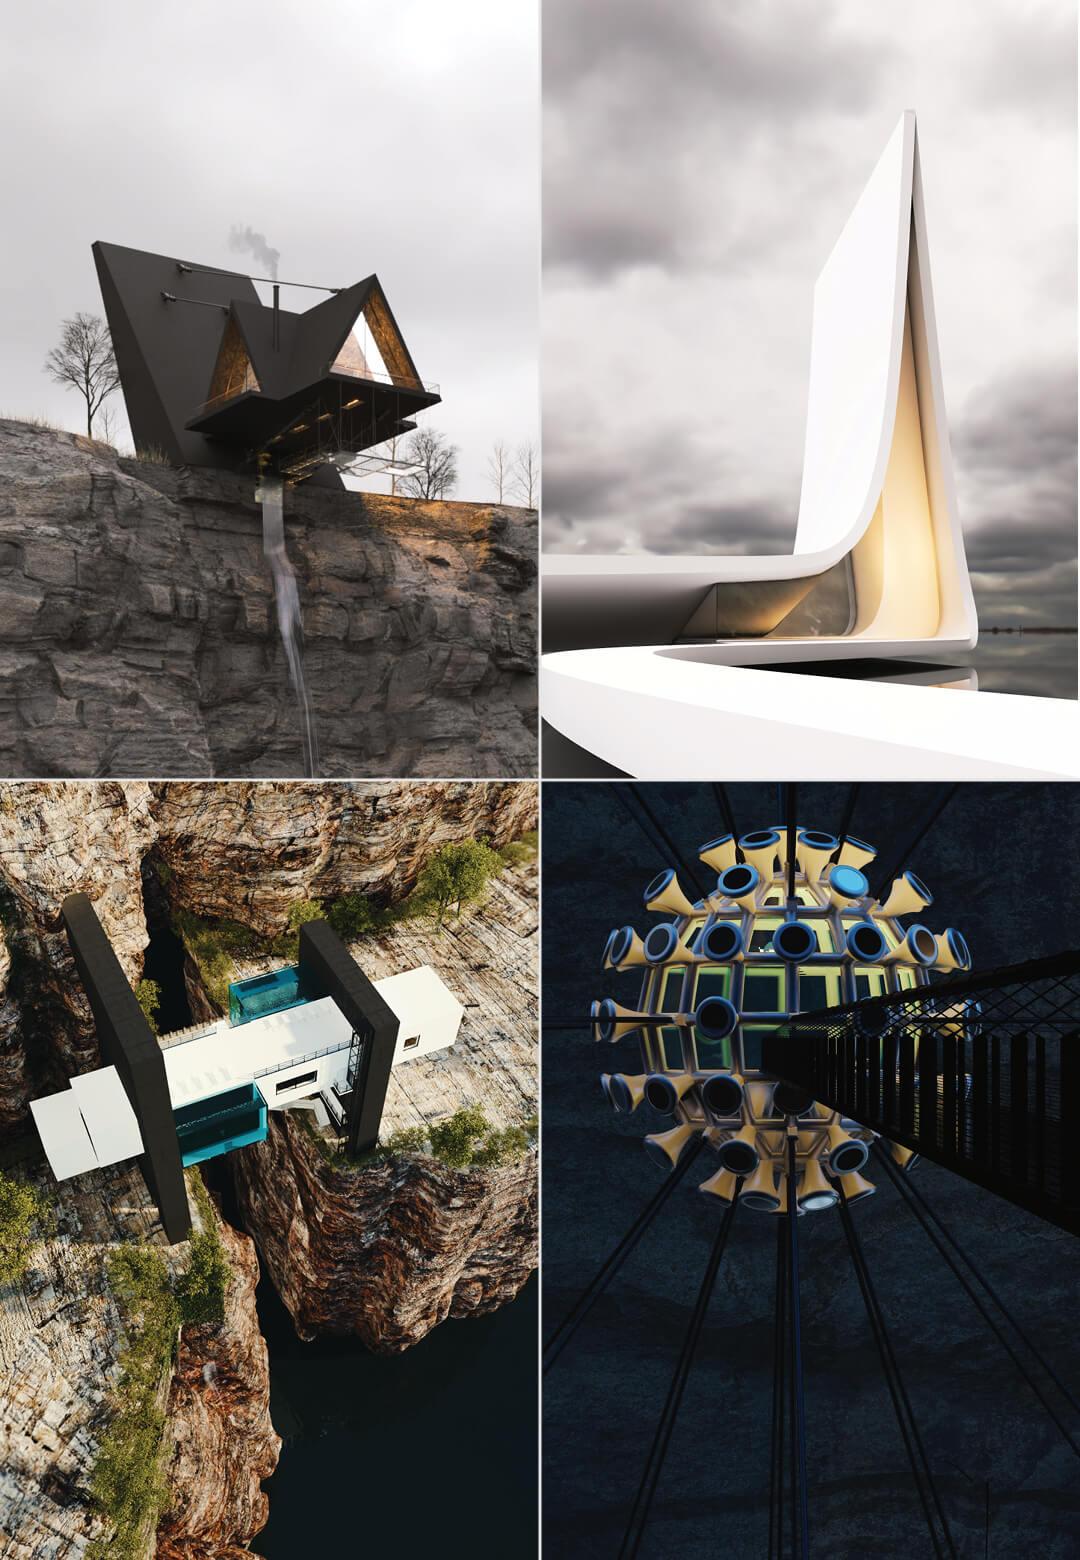 Suspended House, White House, Bridge House, Mountain House and Covid House conceptualised by Iranian architect Milad Eshtiyaghi   Living on the Edge with Milad Eshtiyaghi   STIRworld